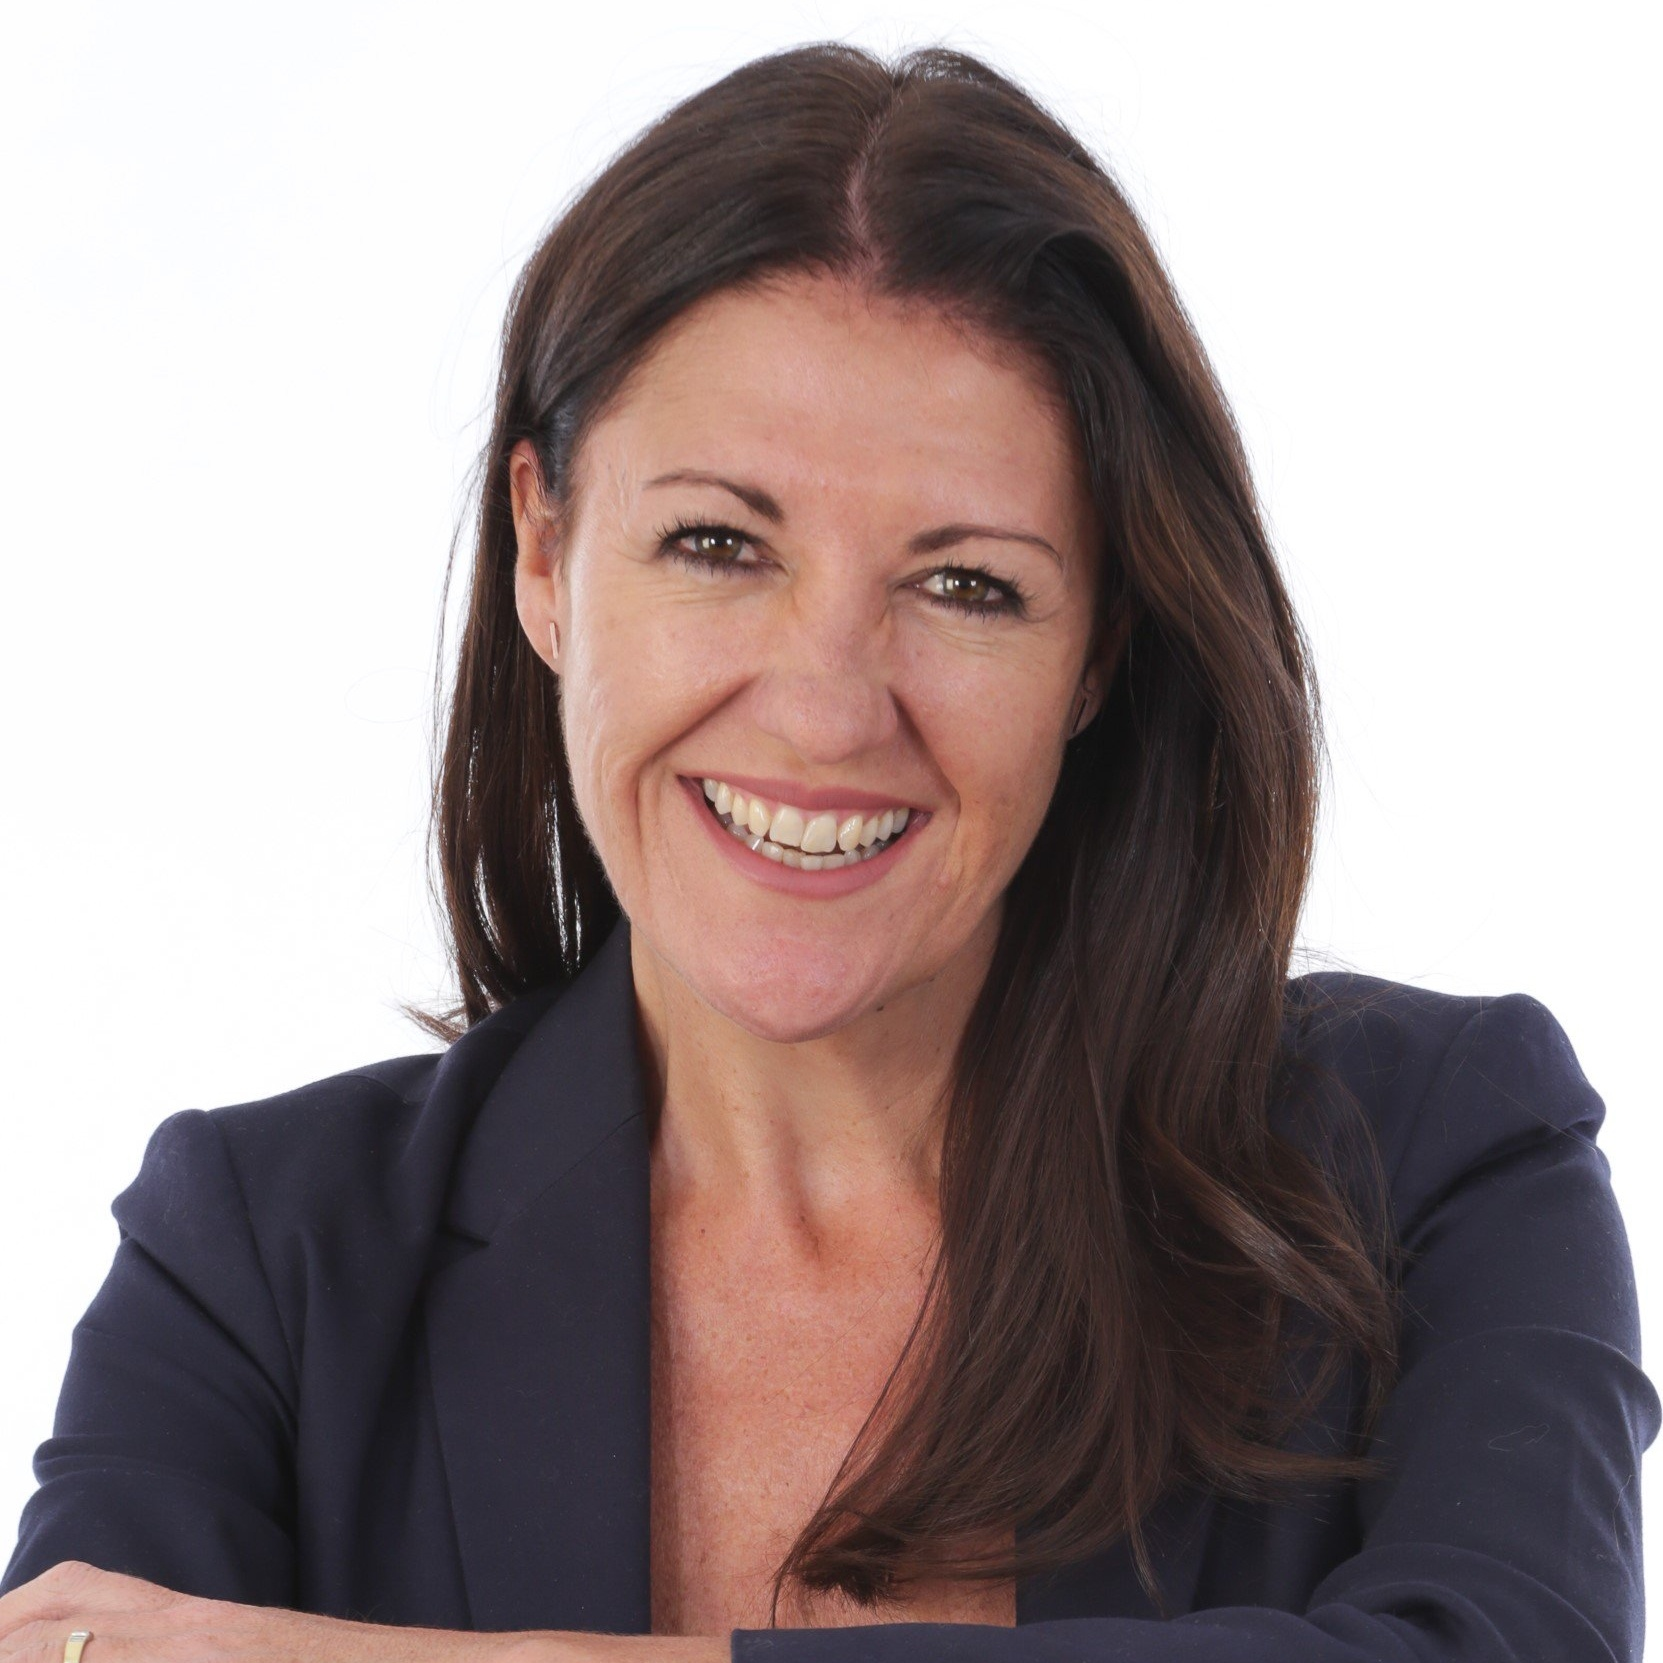 Wendy Mitrovich